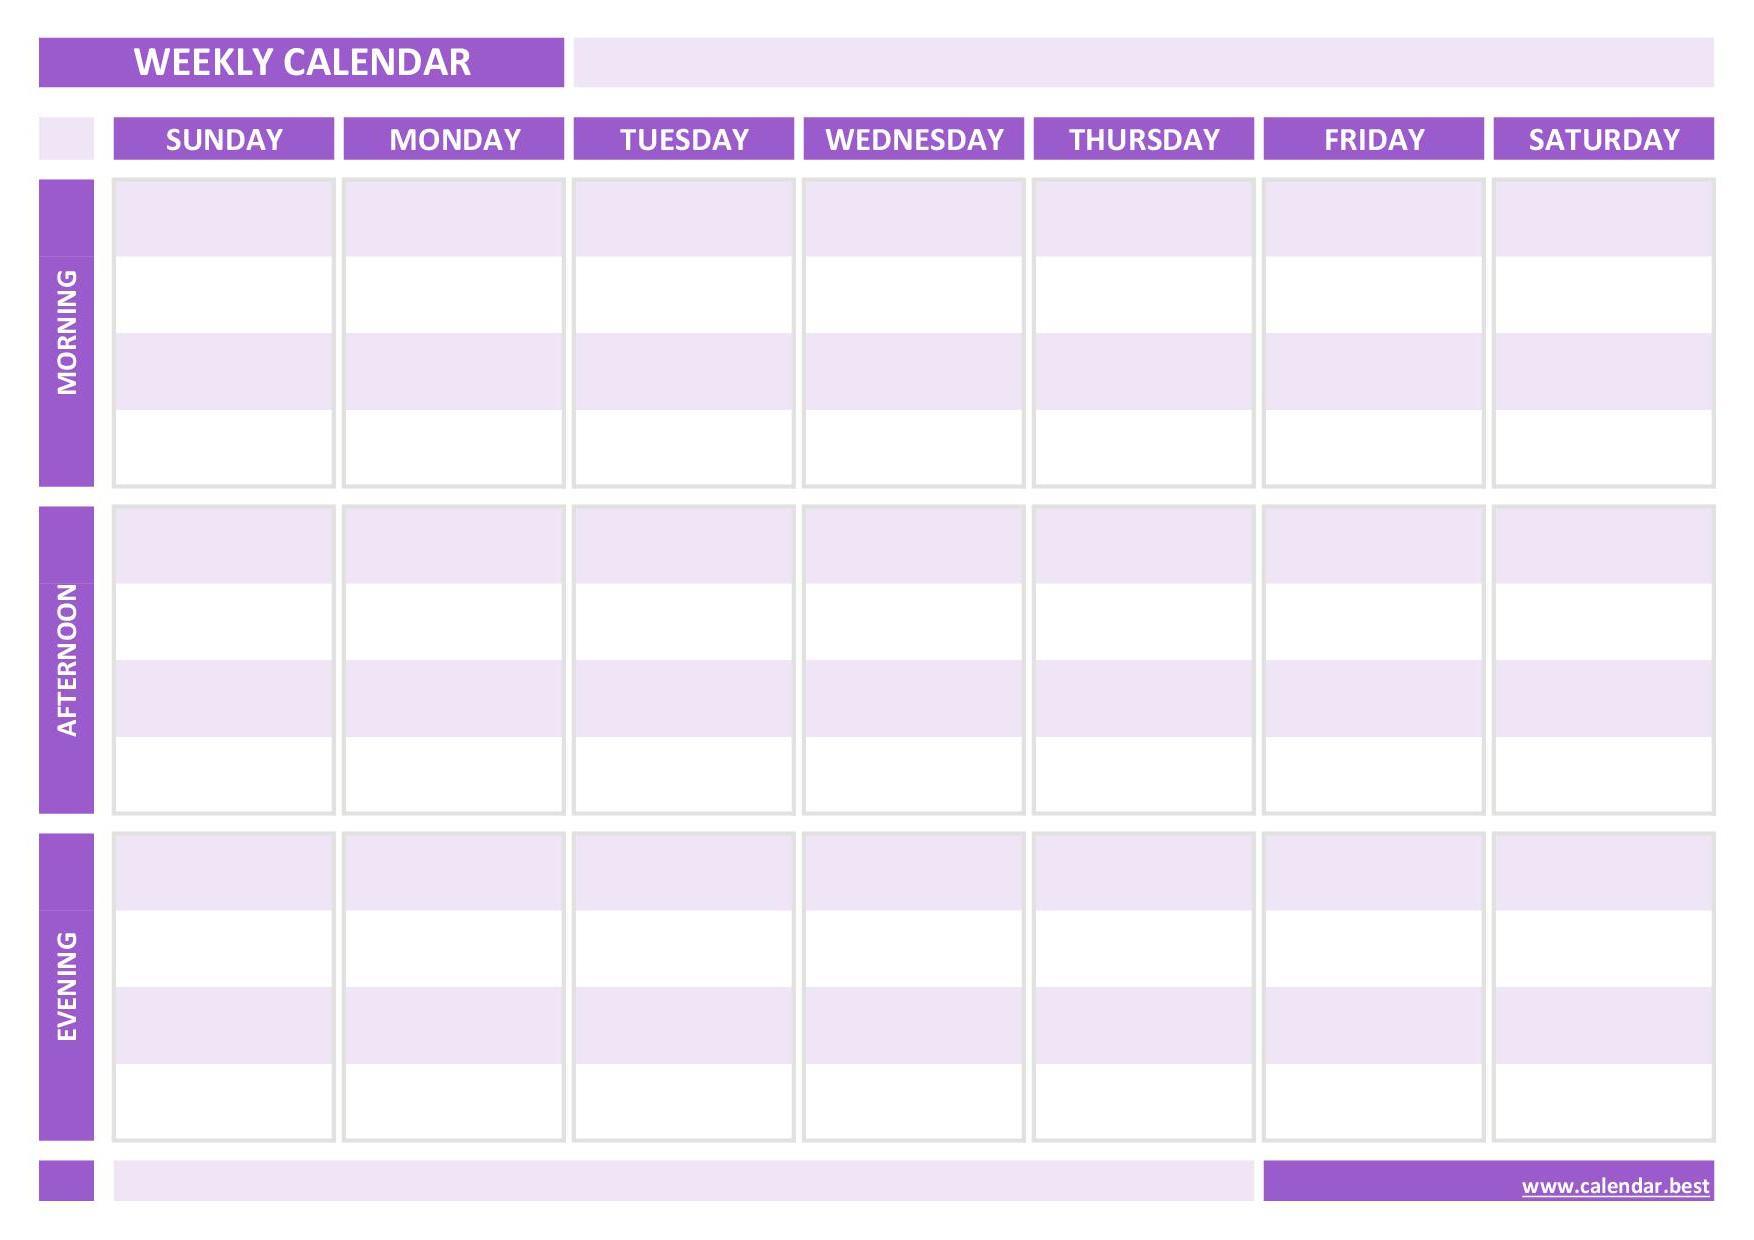 Weekly Calendar Weekly Schedule Calendar Best